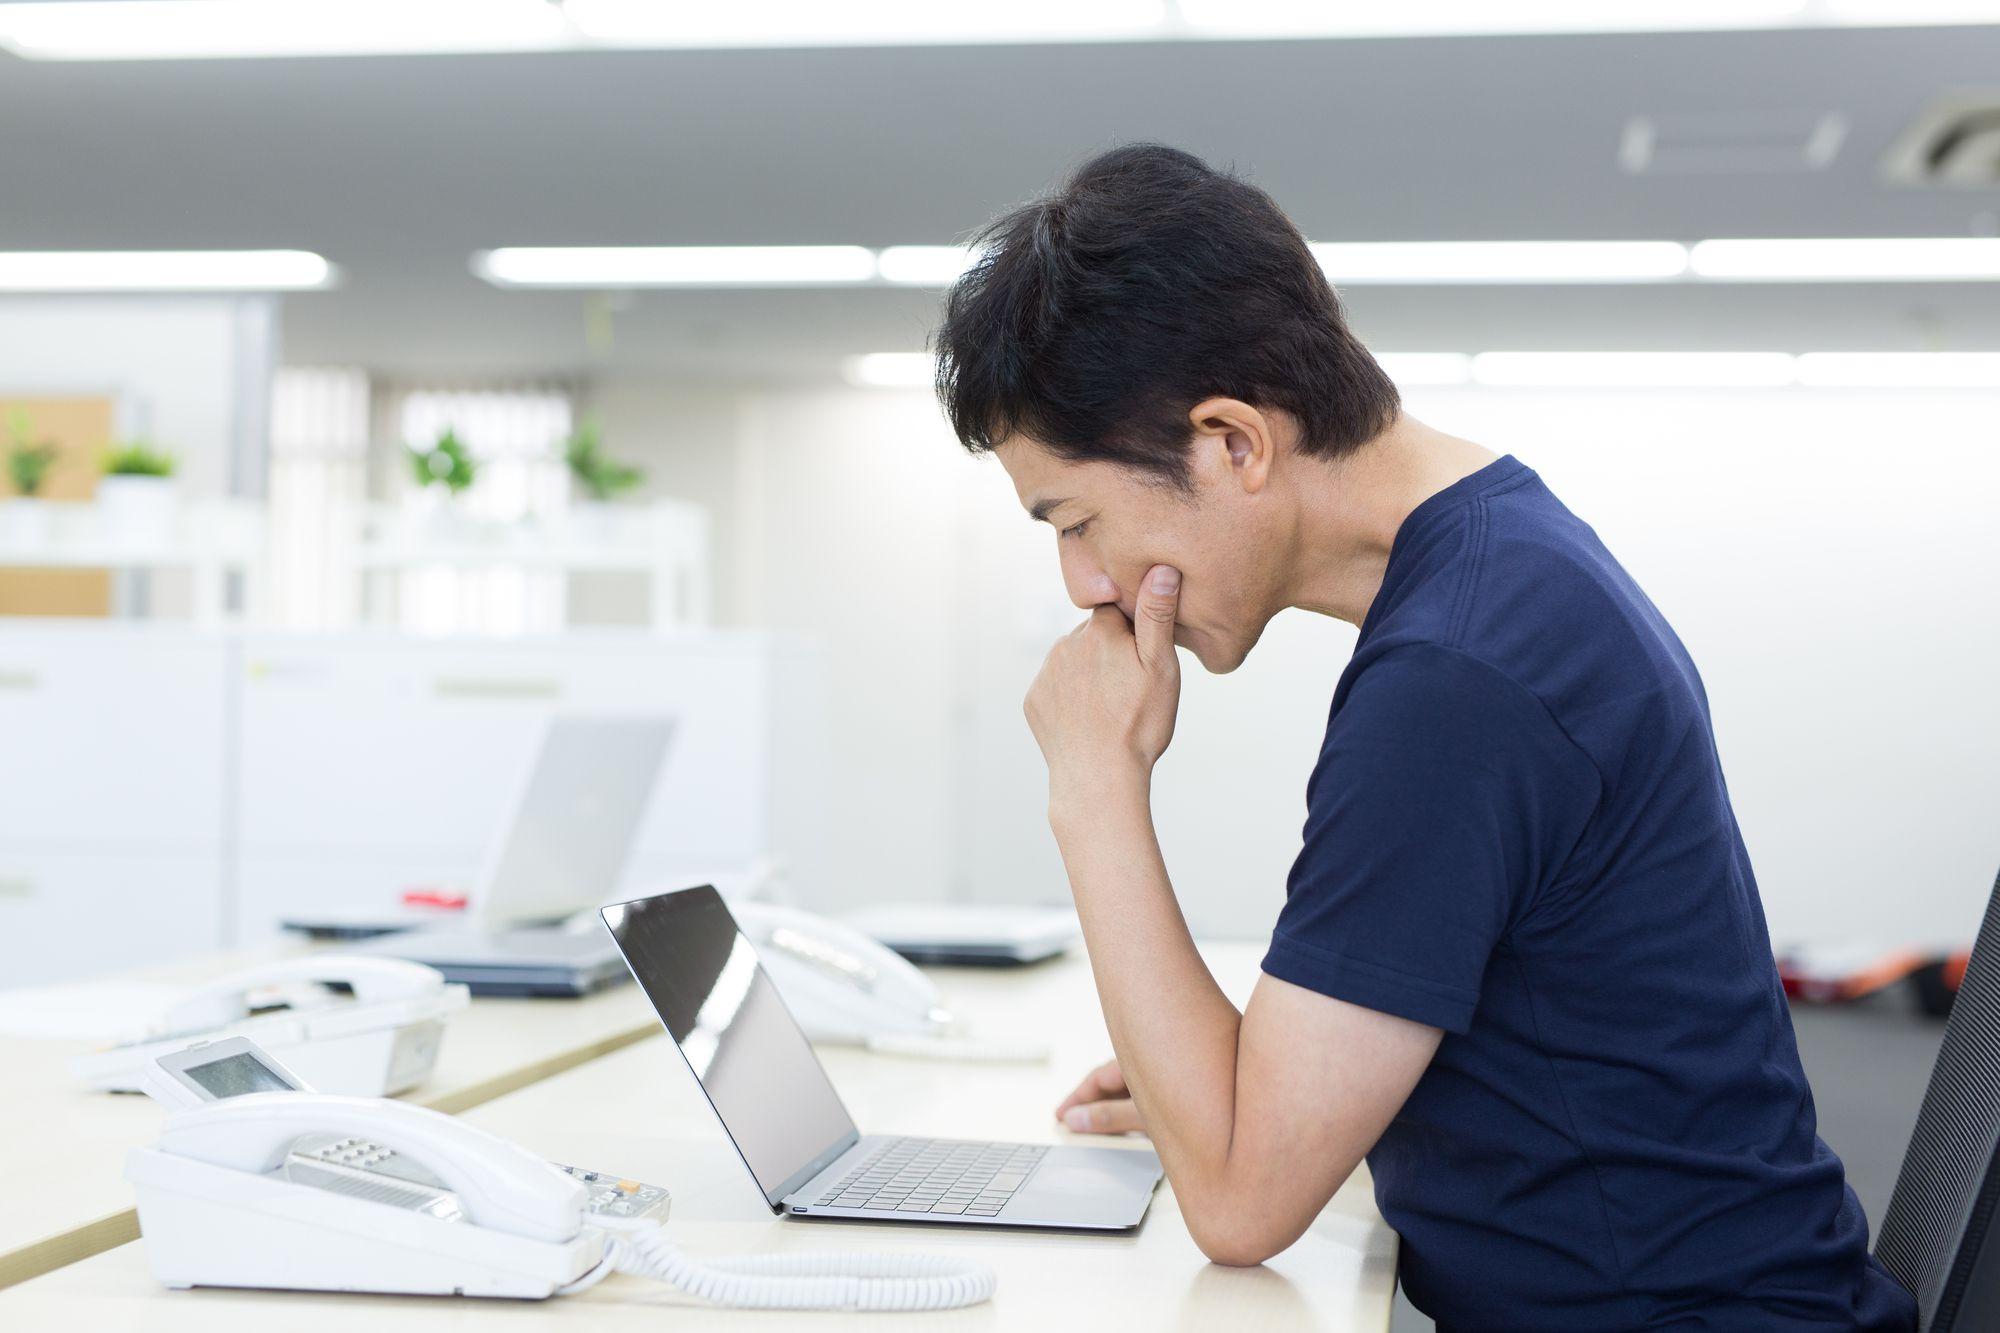 5.パソコンの故障や不具合時に最低限確認しておきたい項目とは?_33026503_M_compressed